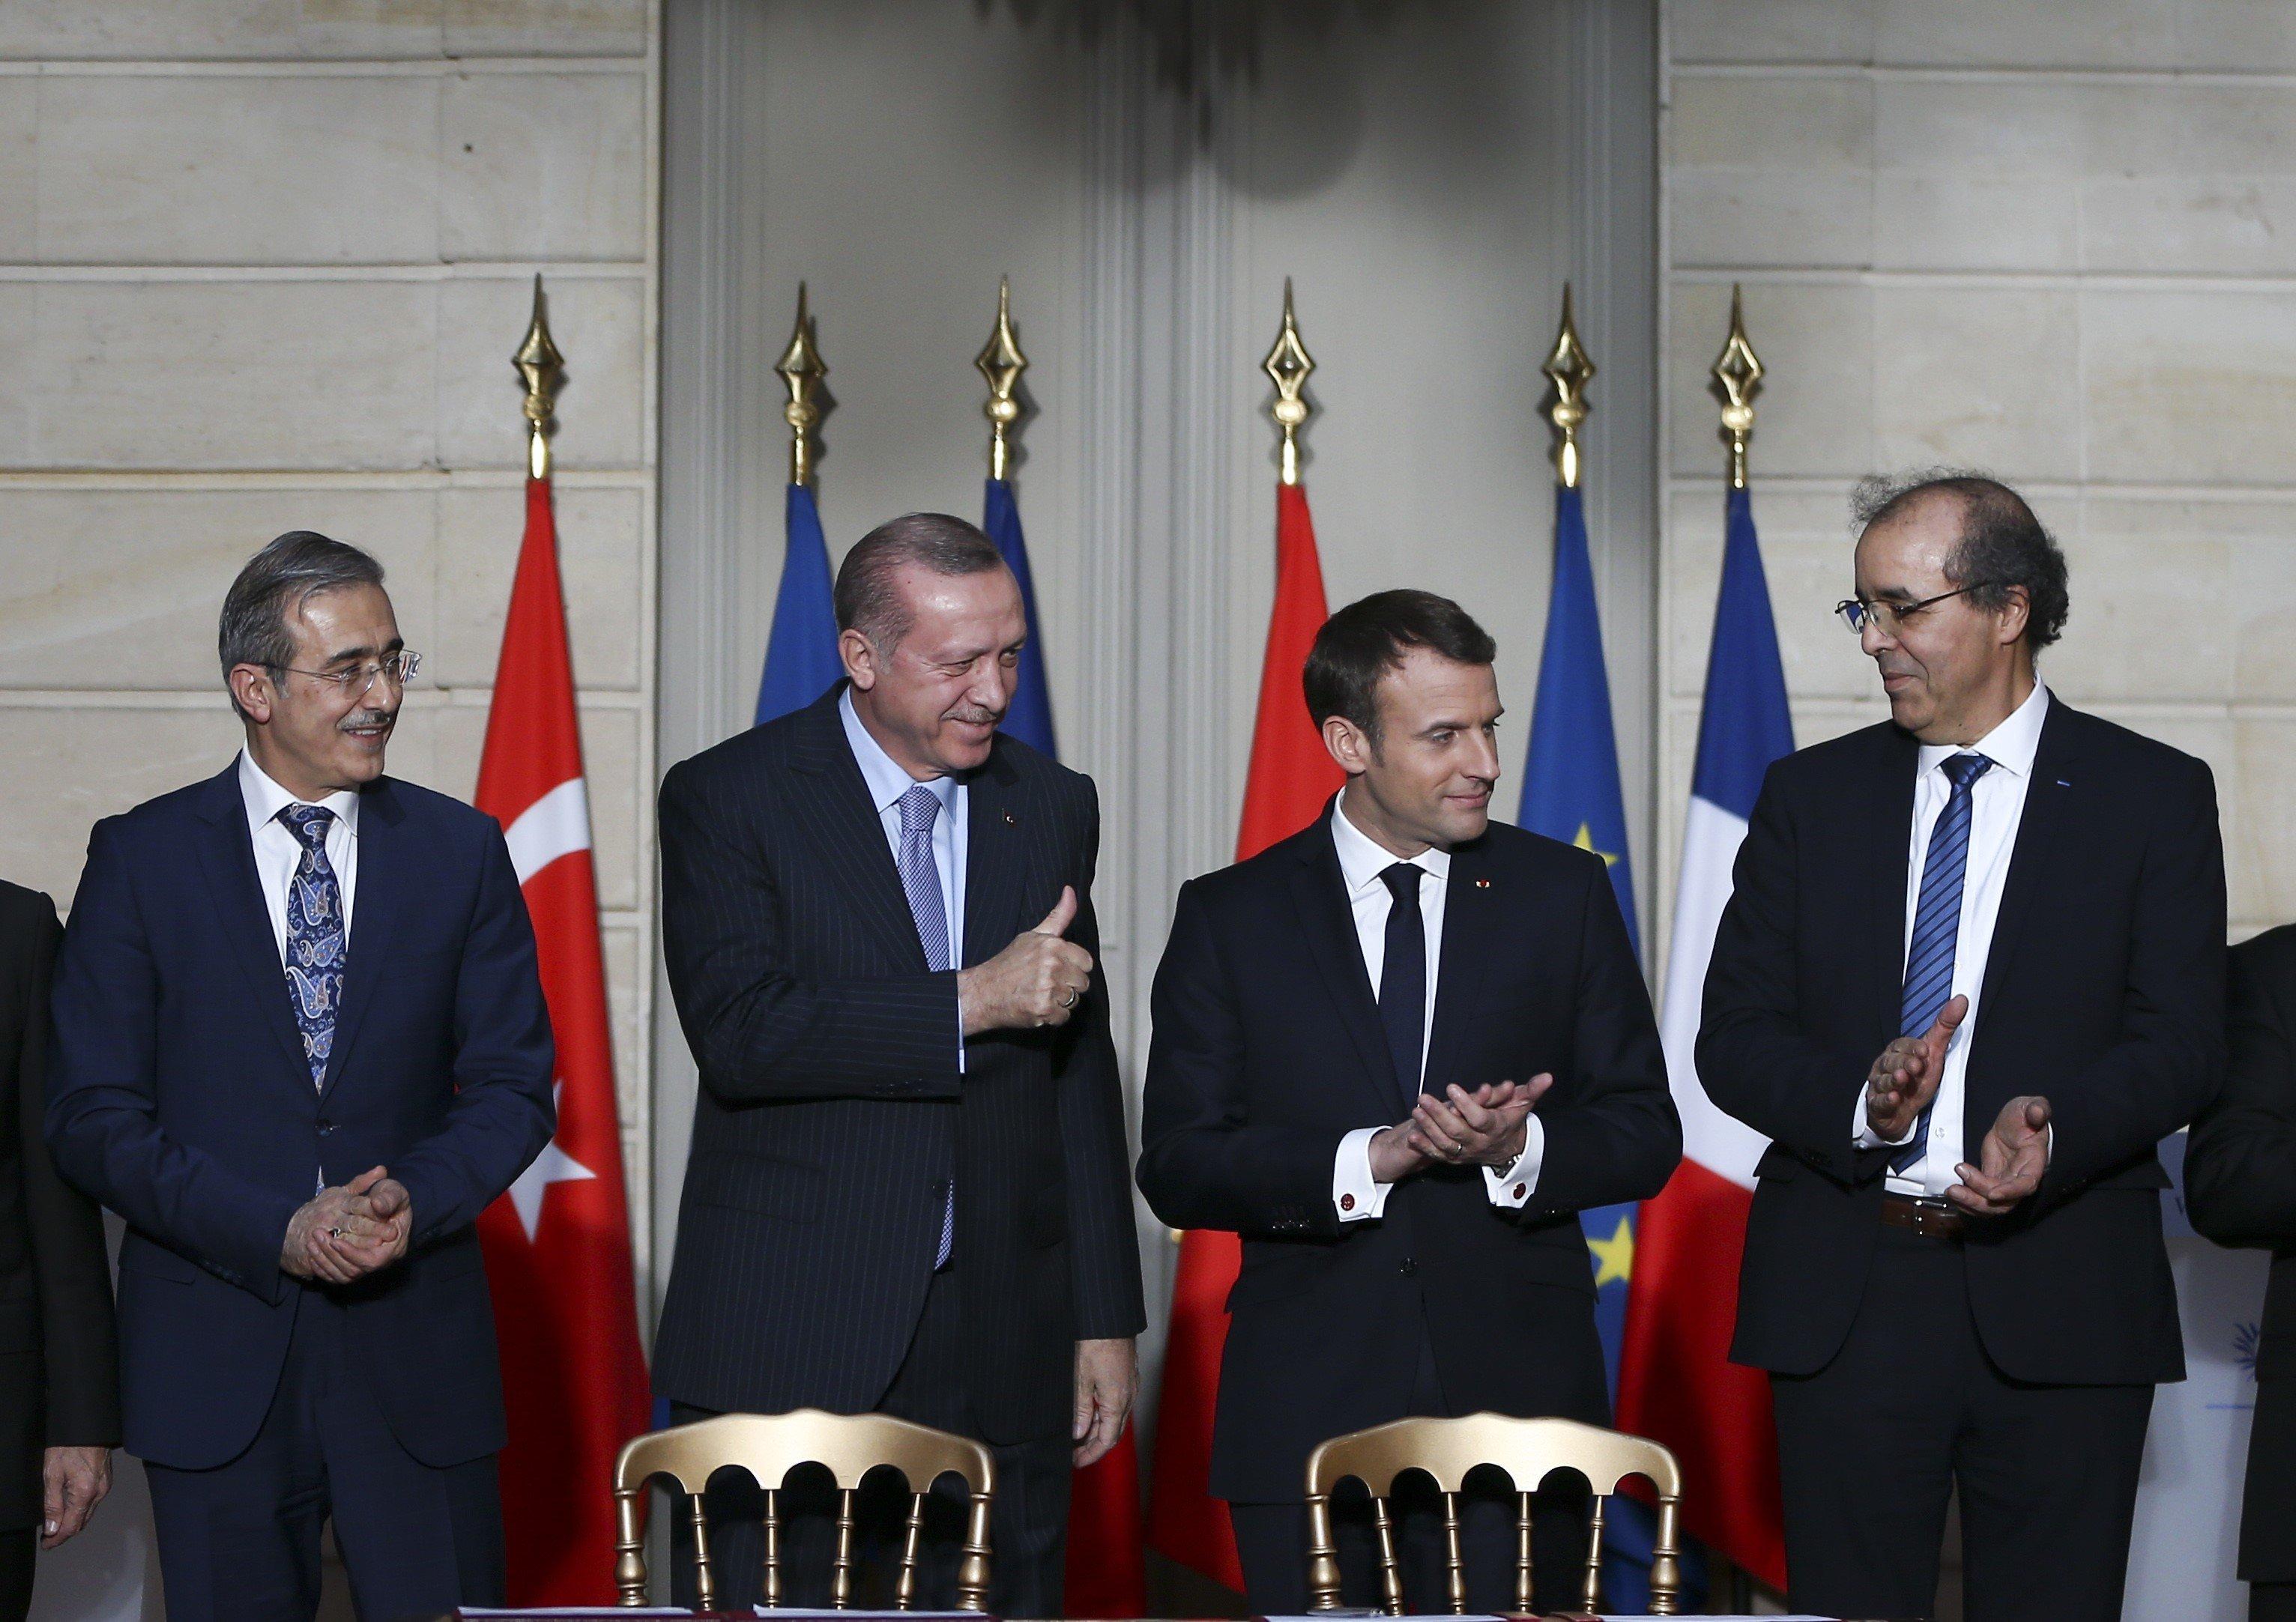 Beim Thema EU-Beitritt lässt Macron Erdogan knallhart auflaufen